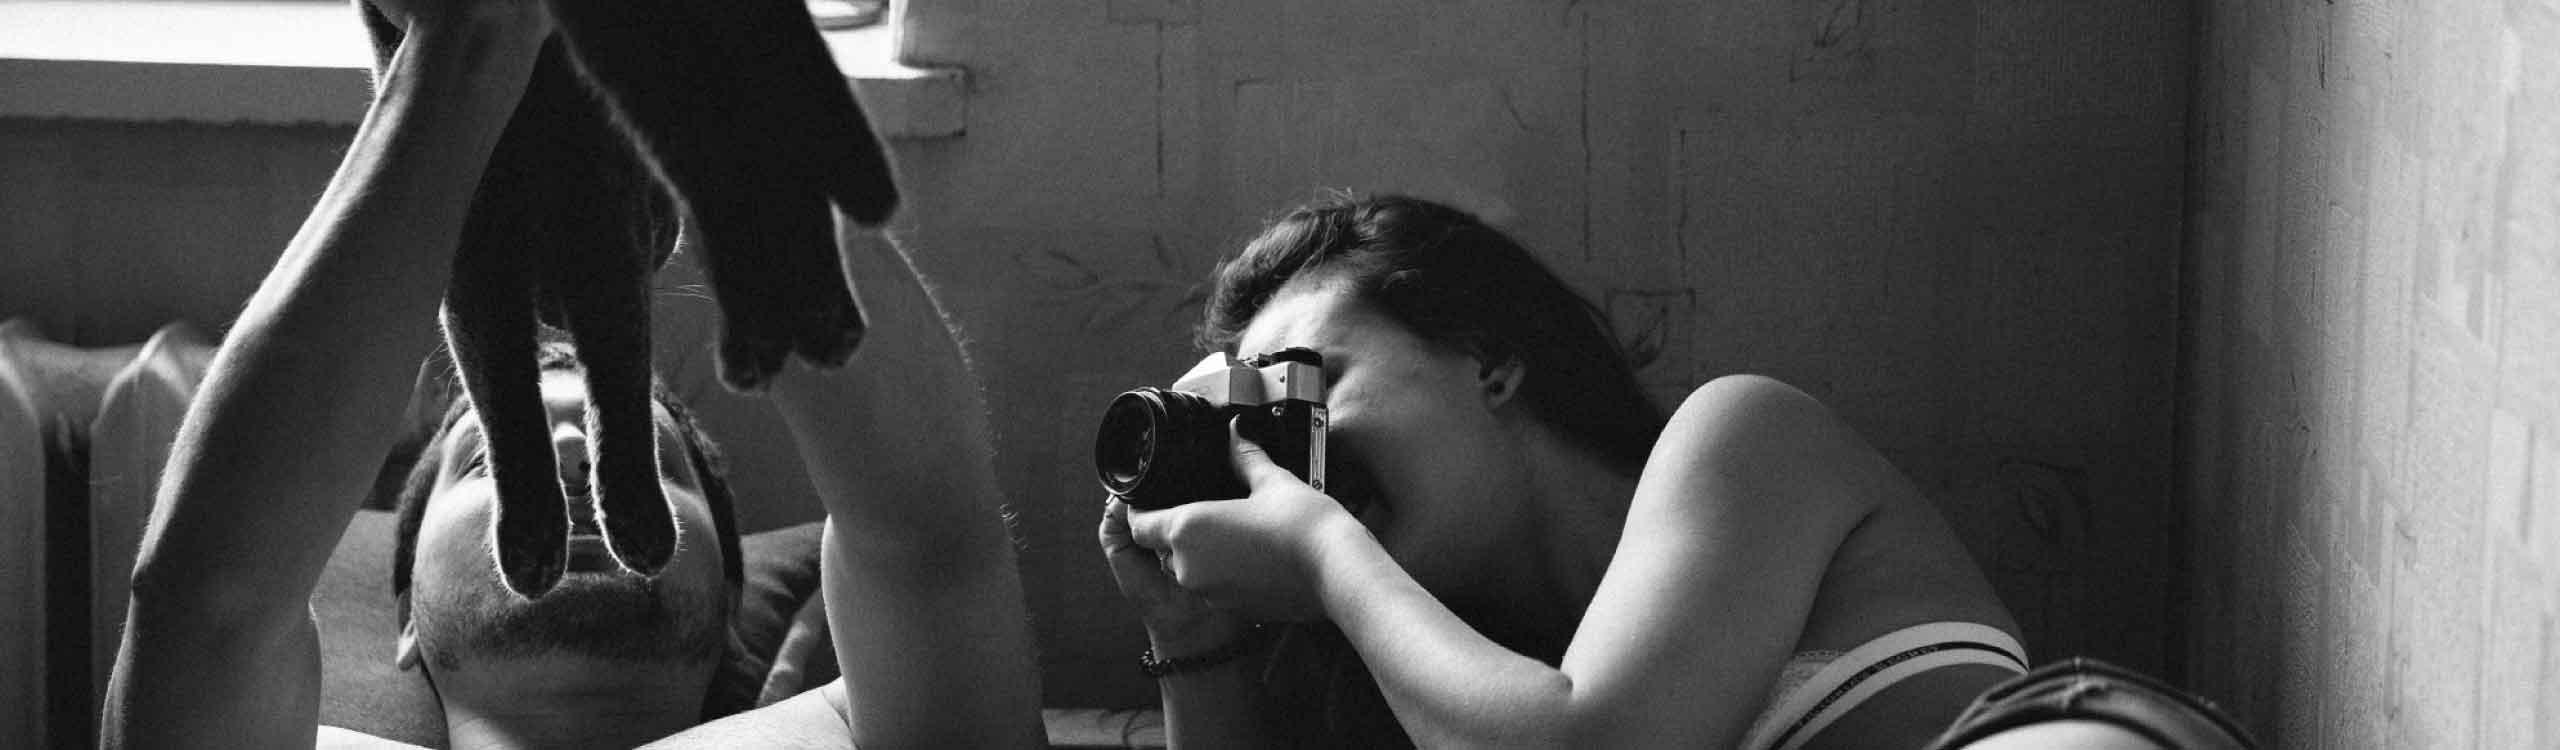 fotos-romanticas-natalia-mindru-mis-gafas-de-pasta-destacado